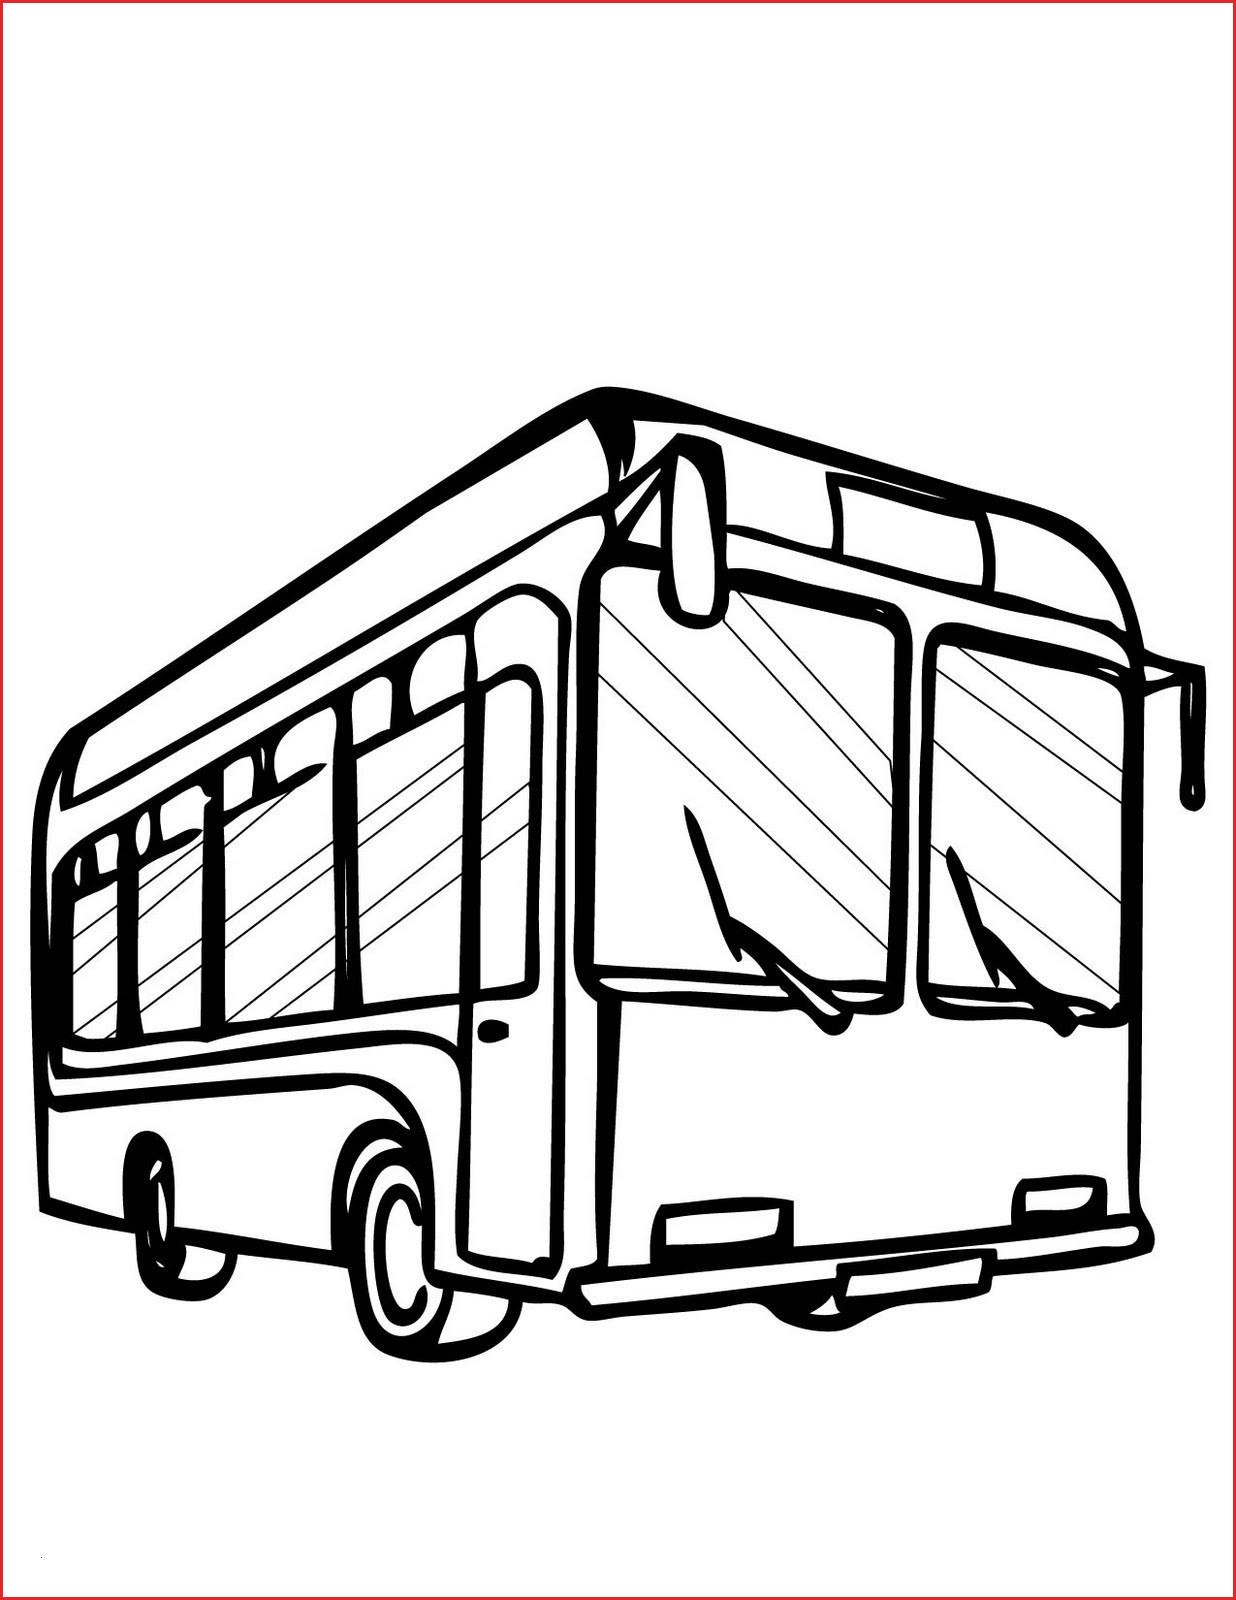 Bus Drawing Malvorlagen Fur Kinder Ausmalbilder Bus